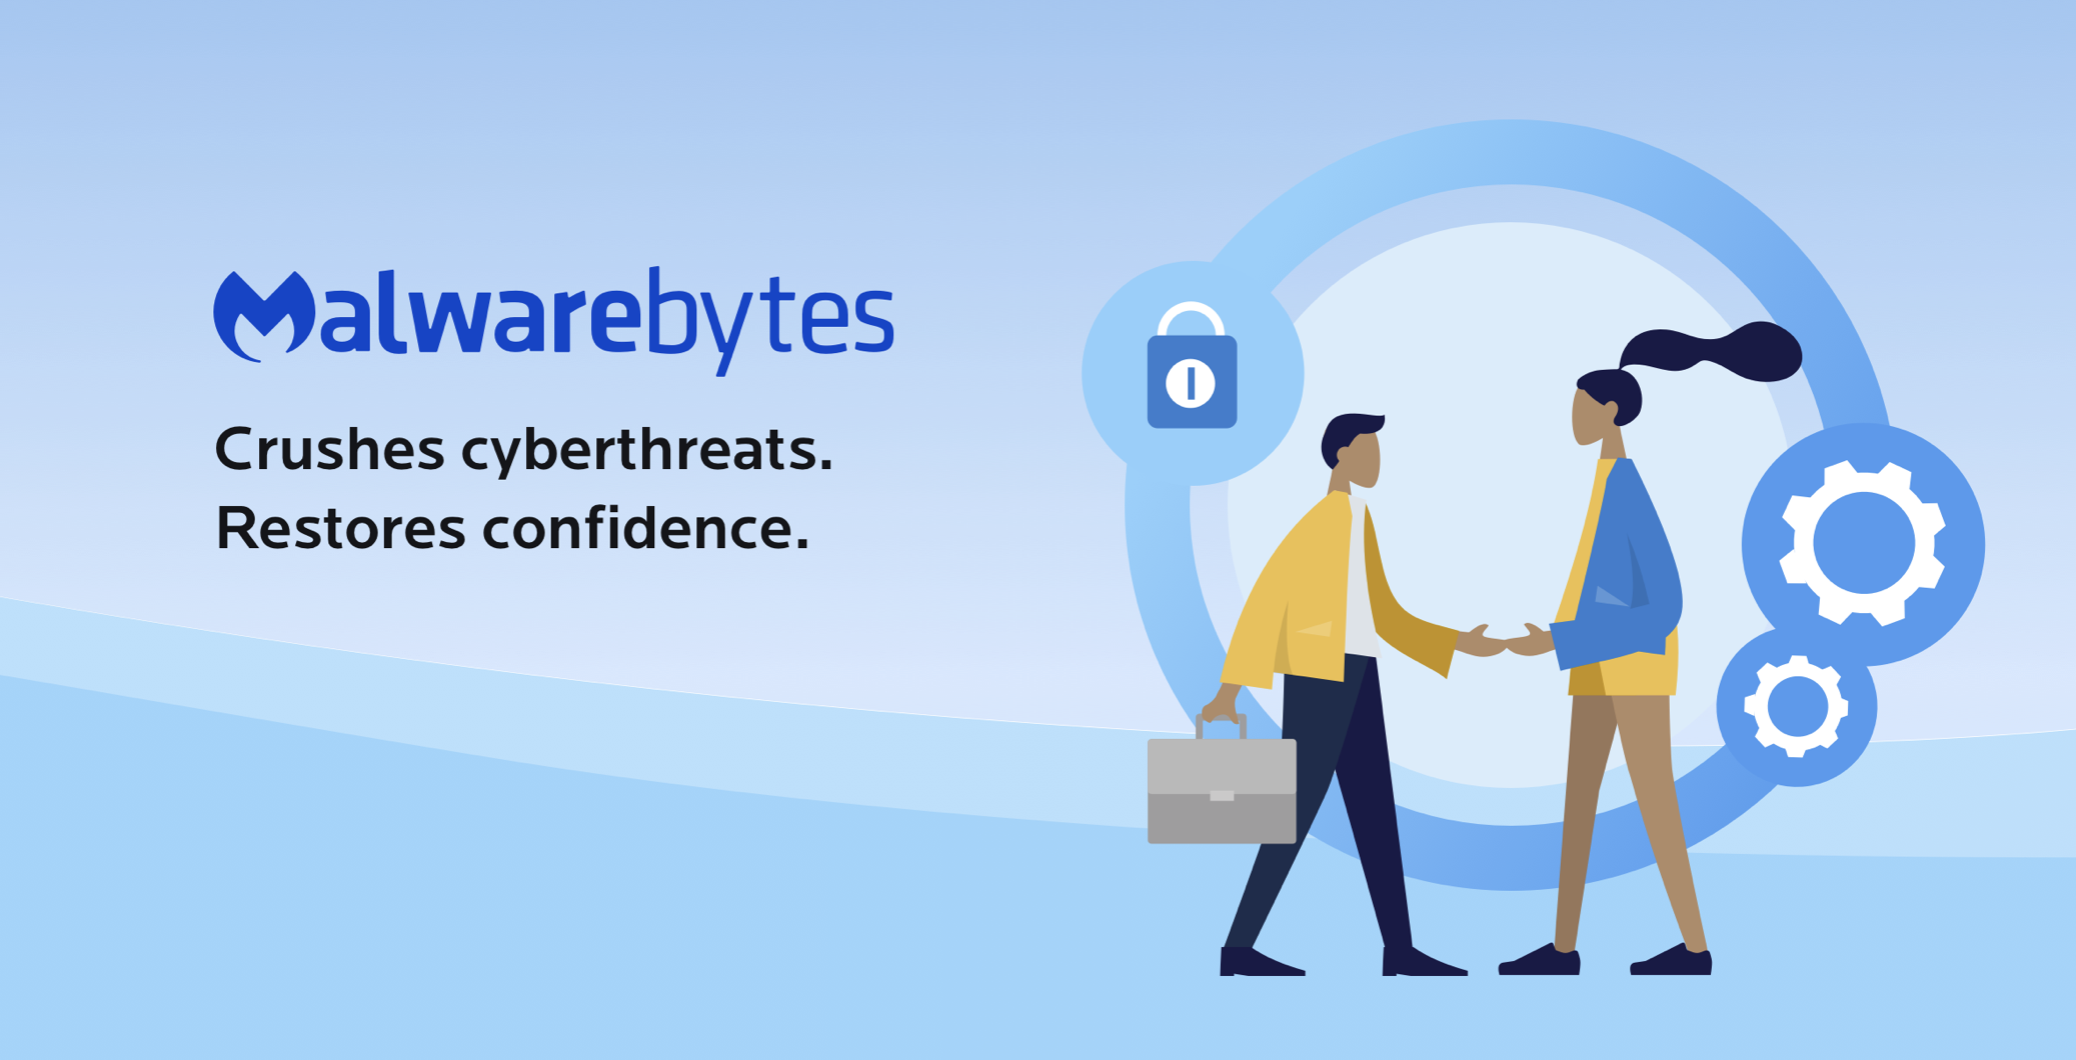 Consola de análisis de amenazas de Malwarebytes